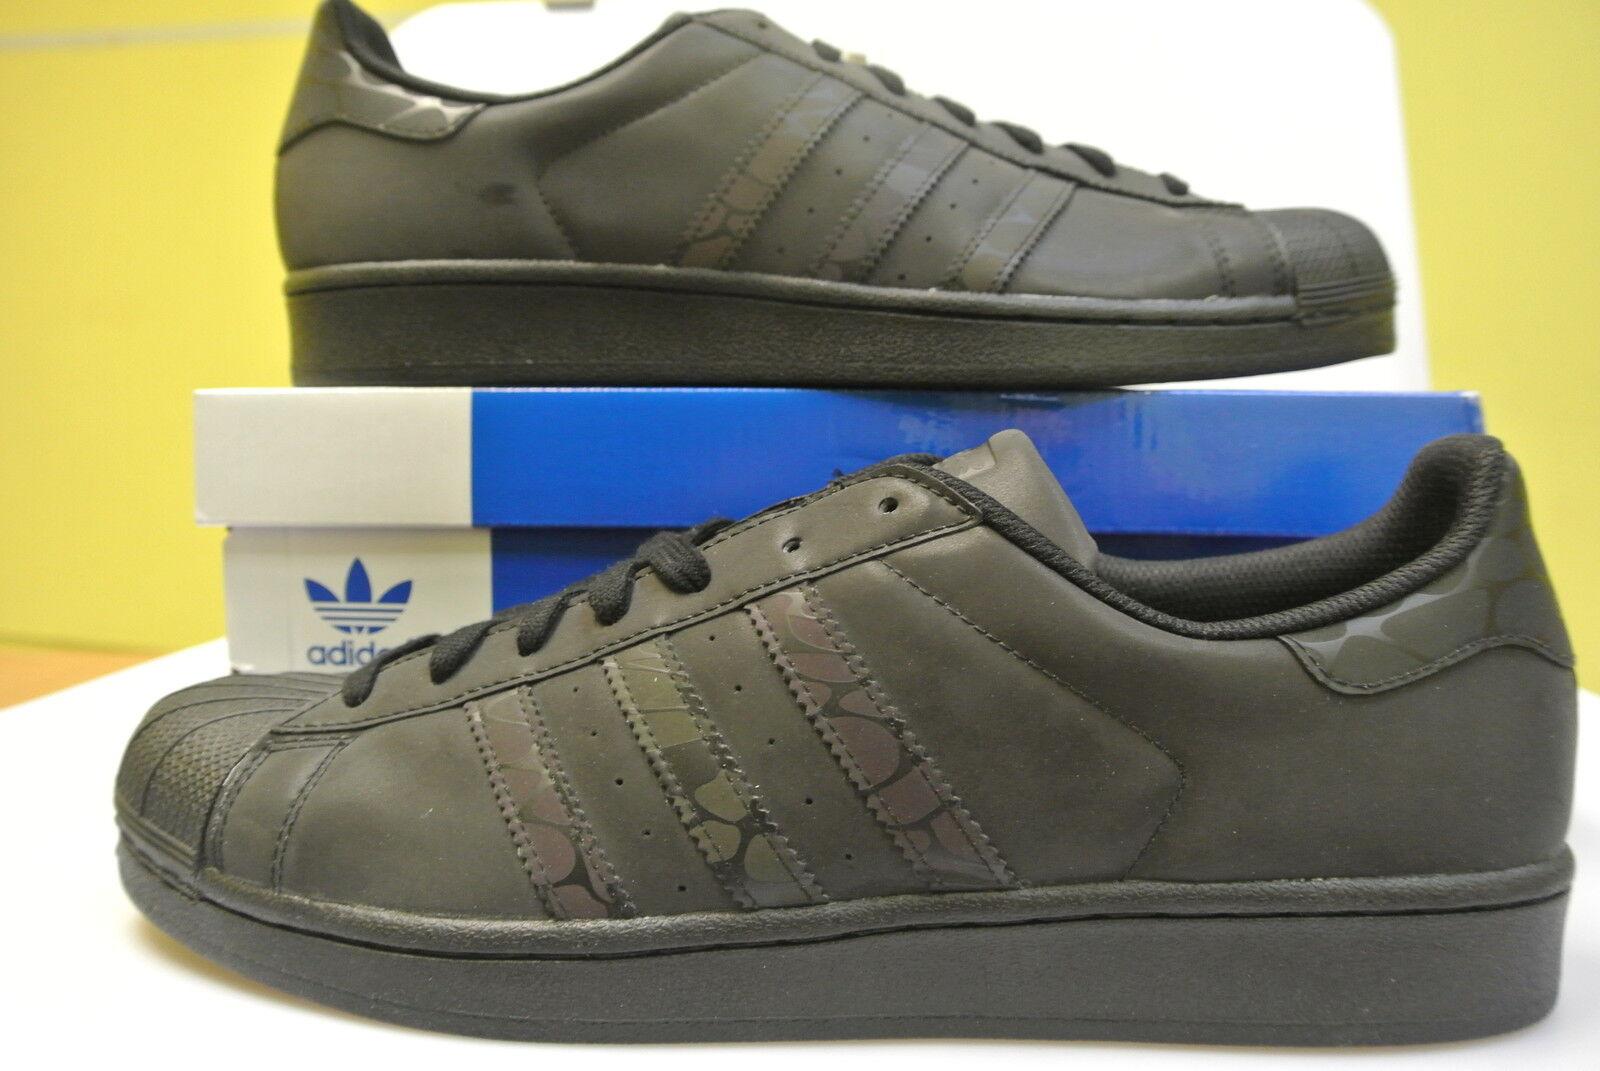 Adidas Superstar talla elegibles nuevo con embalaje original original embalaje s75537 cd025d